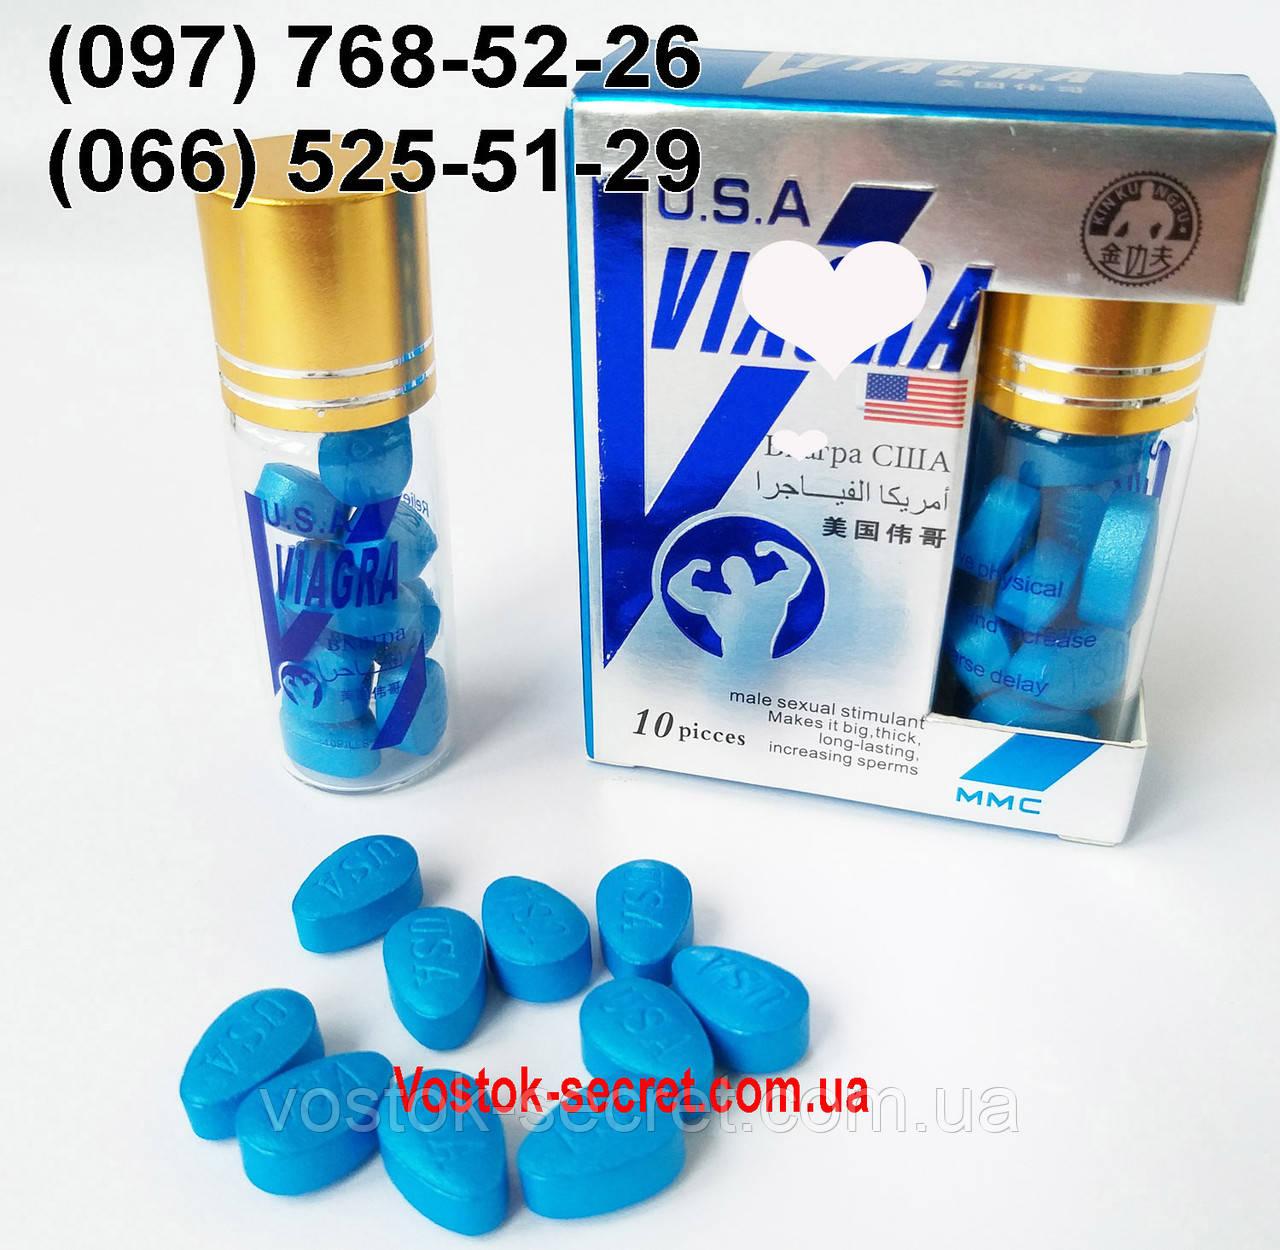 USA Виa.. (натуральные афродизиаки) китайский препарат для повышения потенции у мужчин. 10 табл